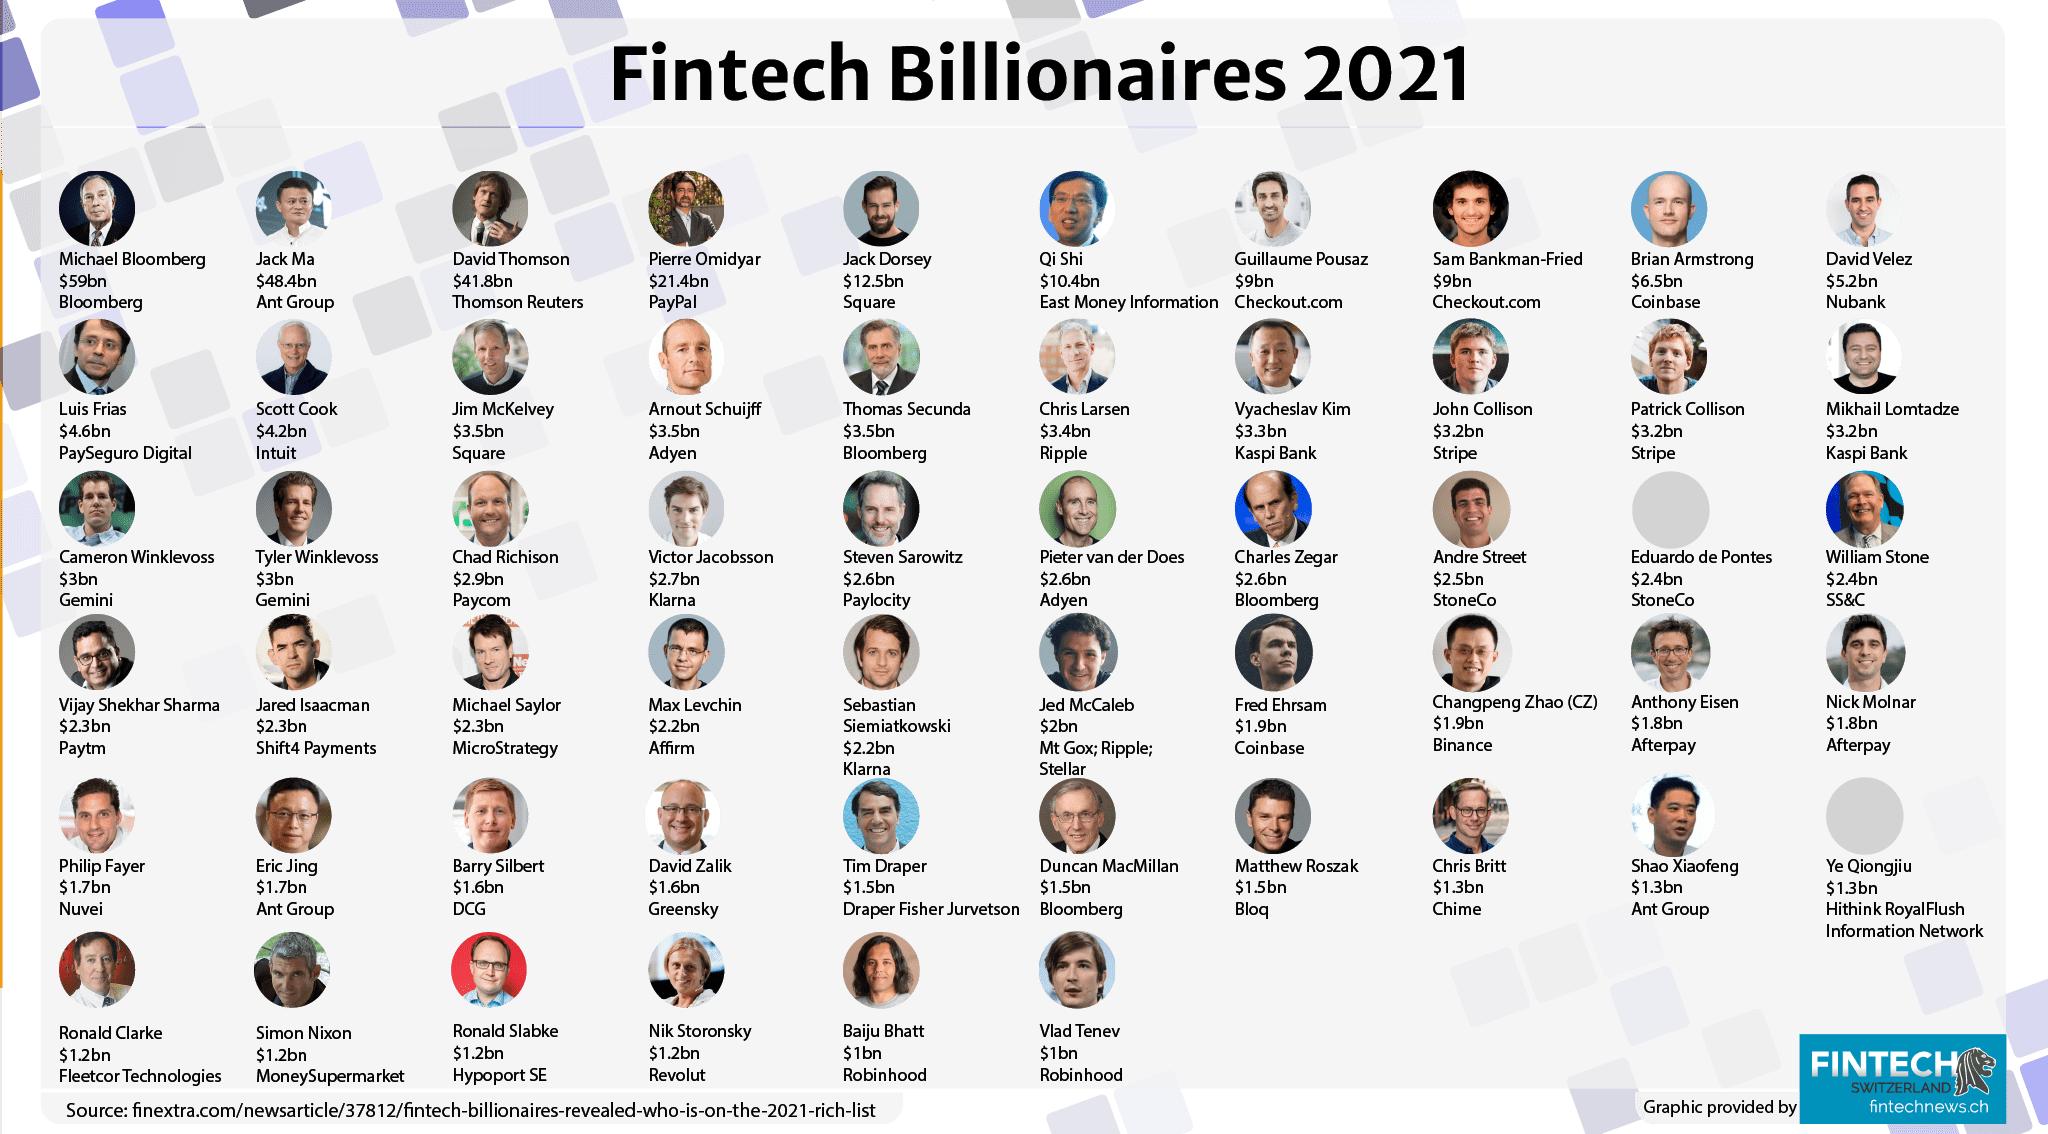 Fintech Billionaires 2021 (1)